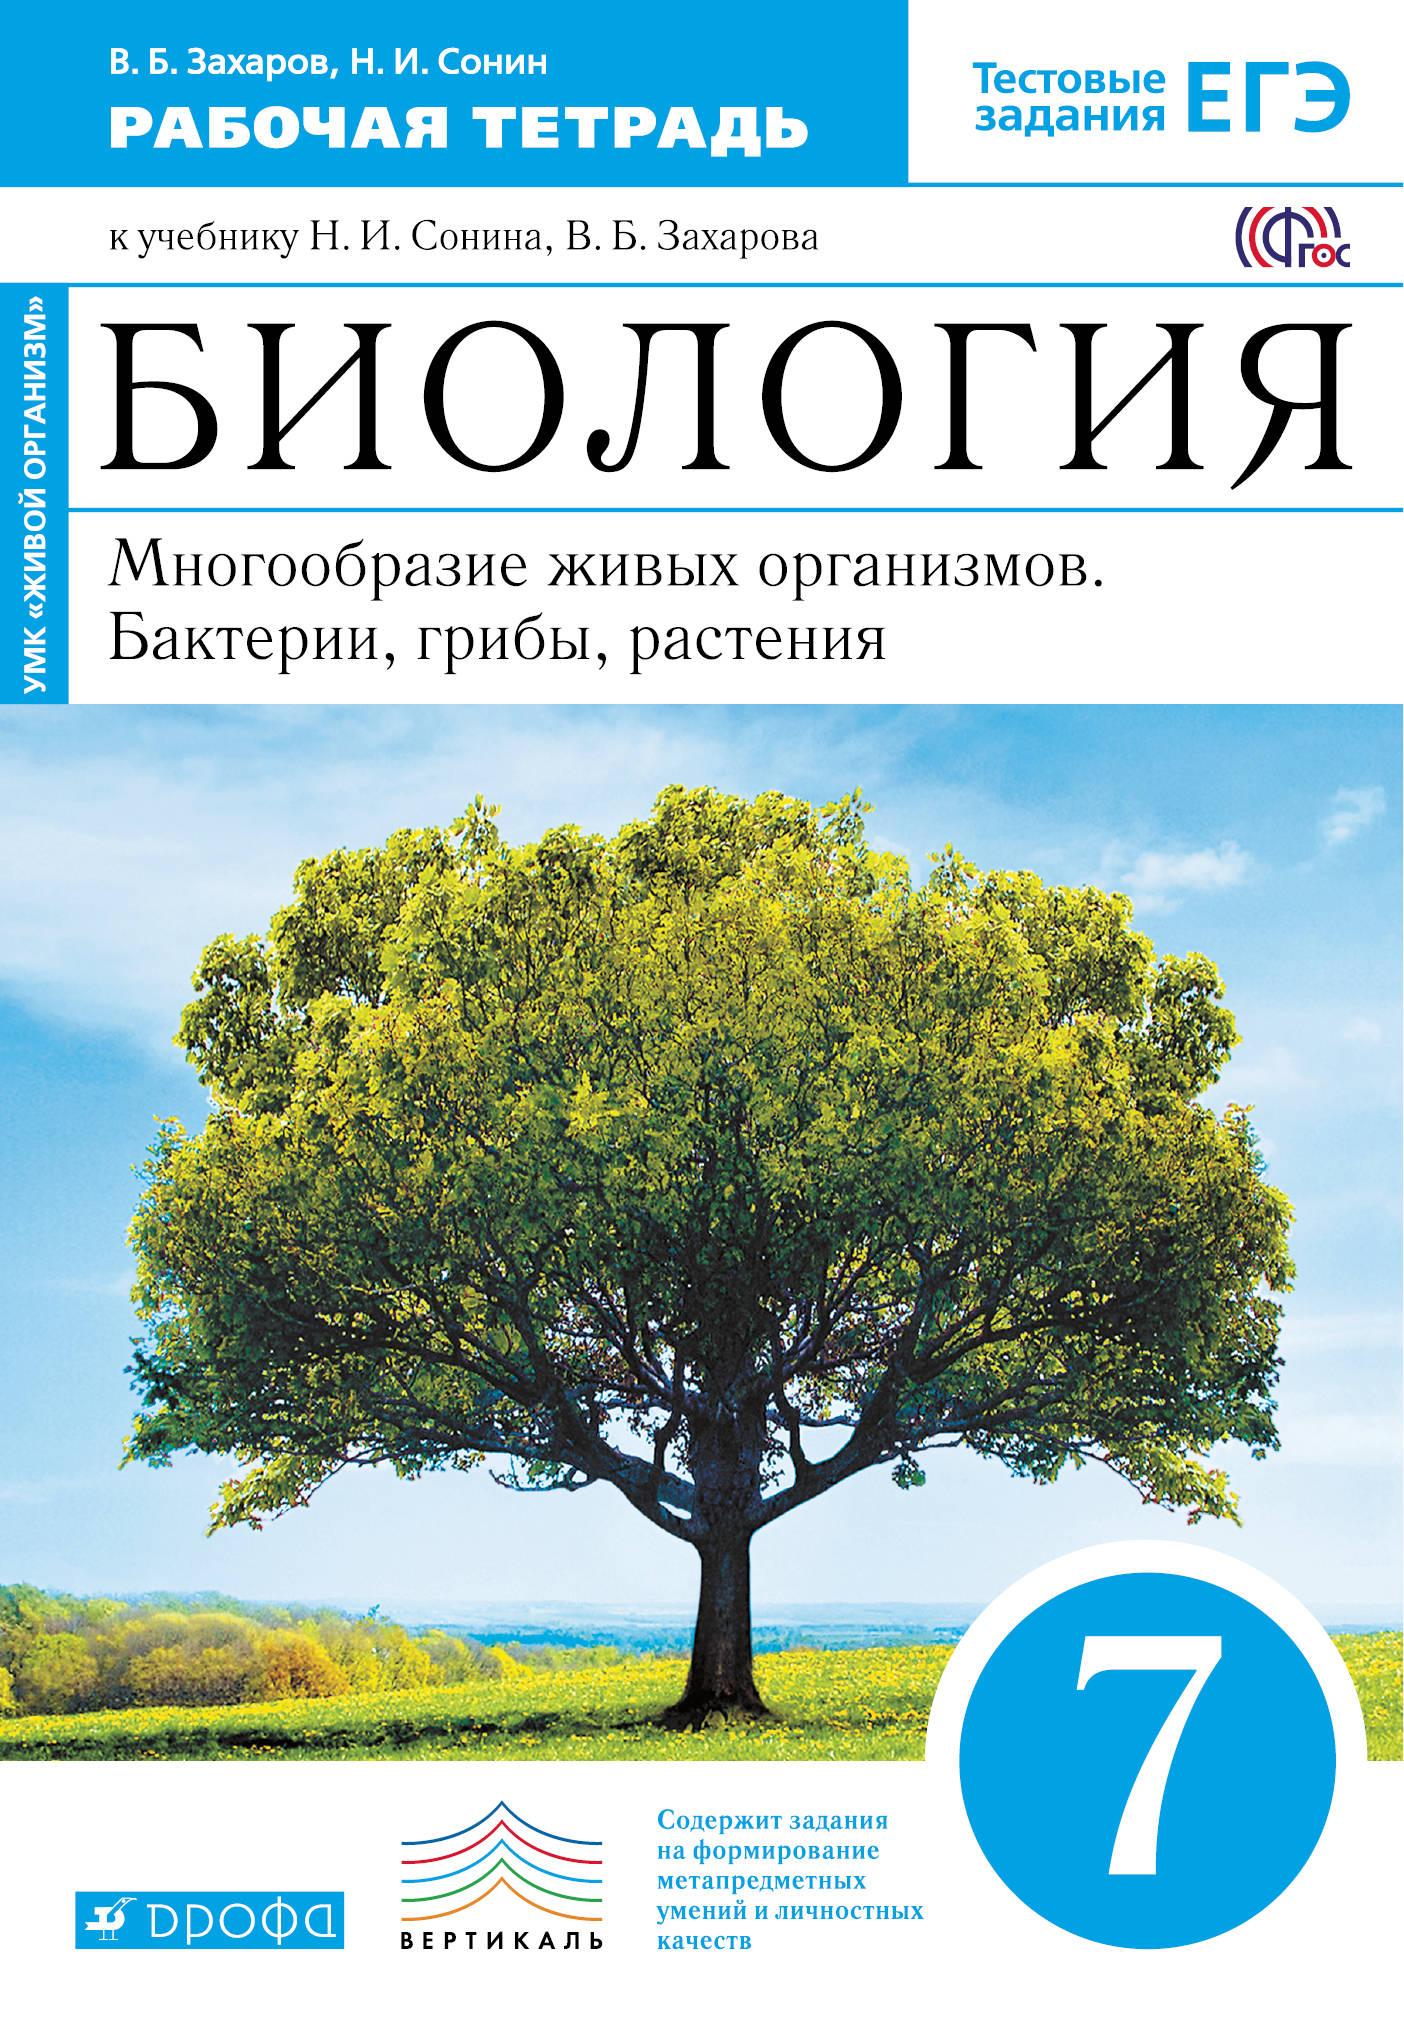 В. Б. Захаров, Н. И. Сонин Биология. 7 класс. Многообразие живых организмов. Бактерии, грибы, растения. Рабочая тетрадь